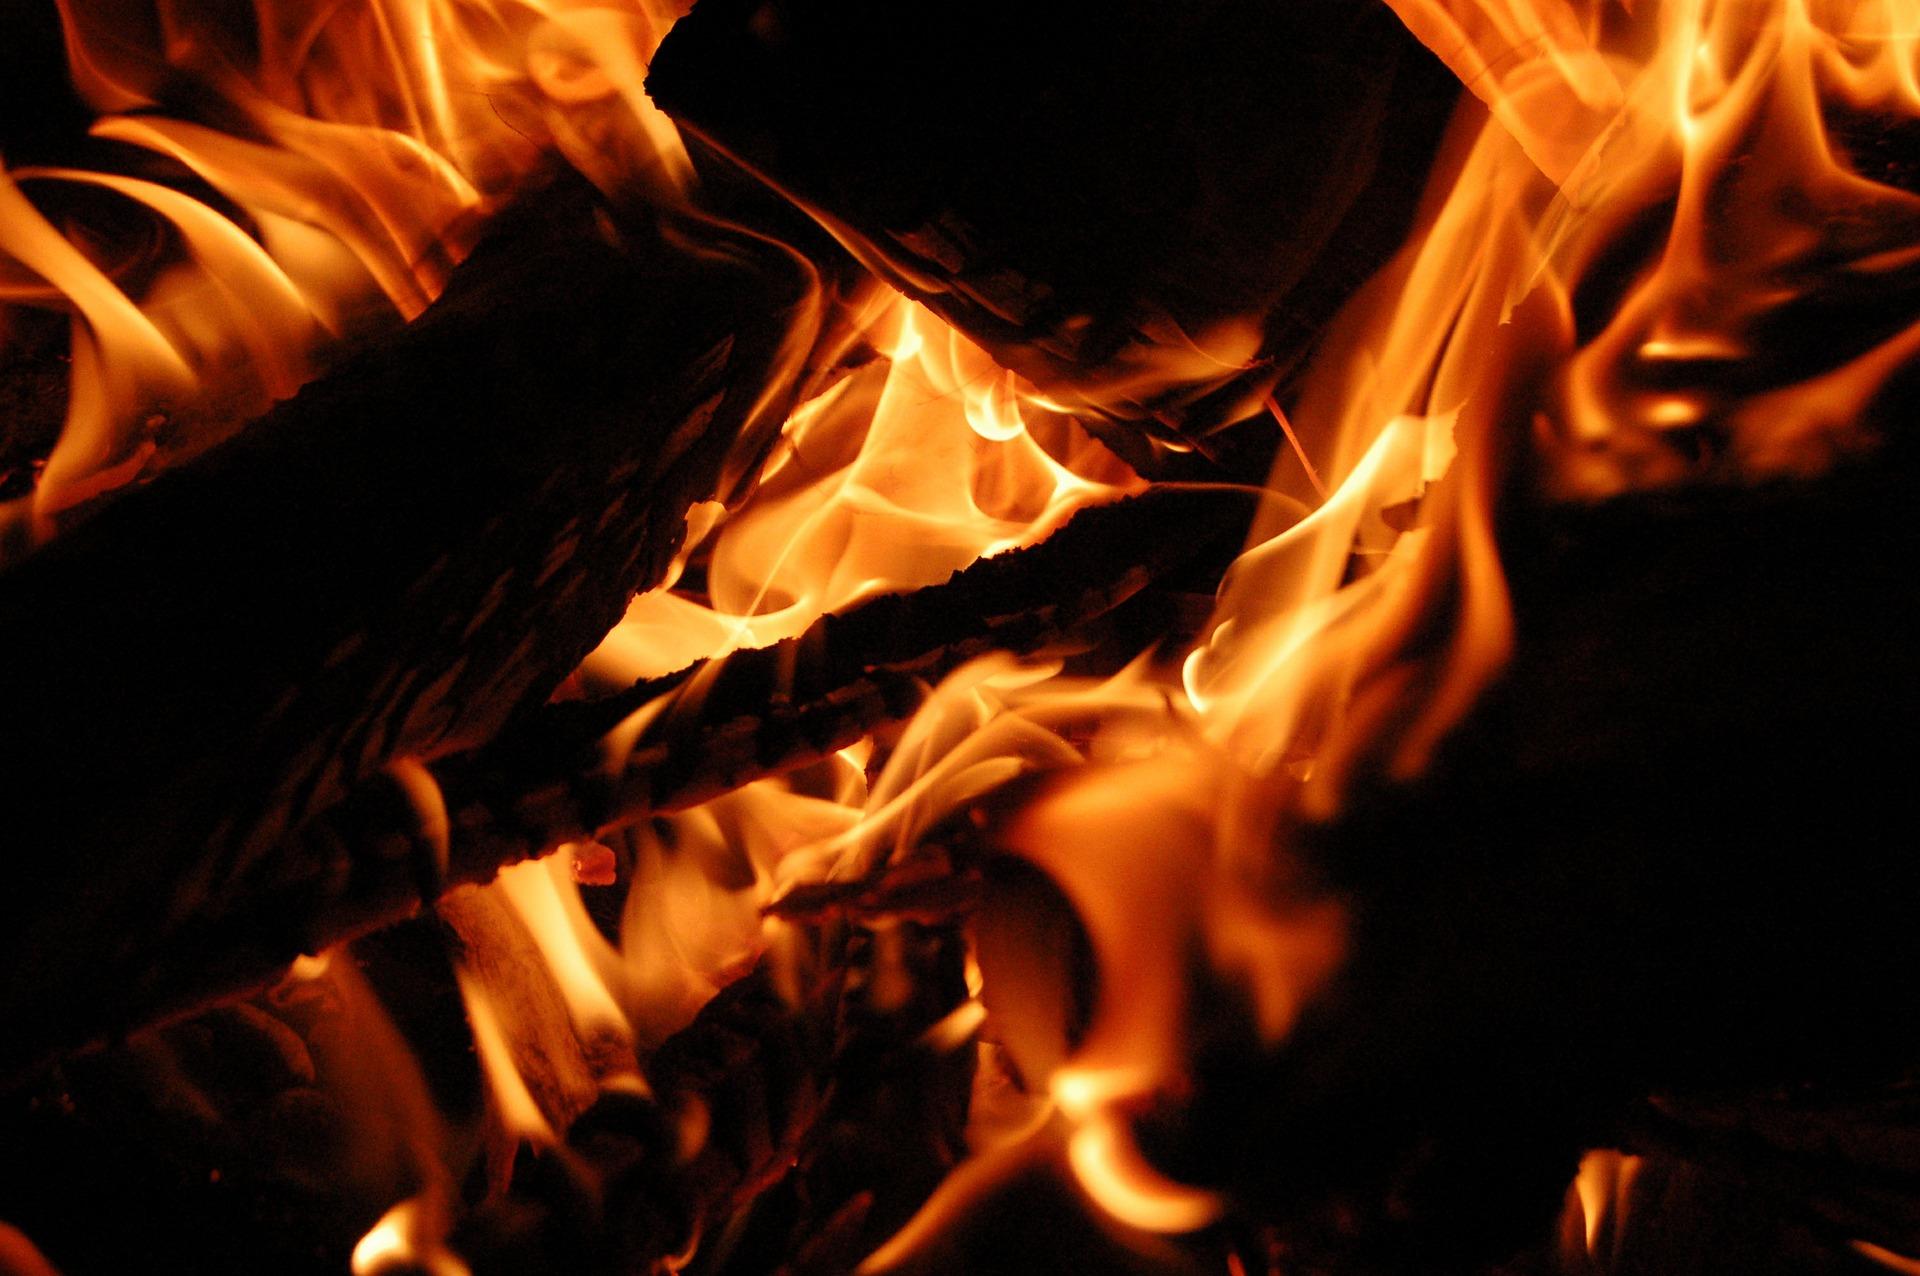 fire-449868_1920.jpg